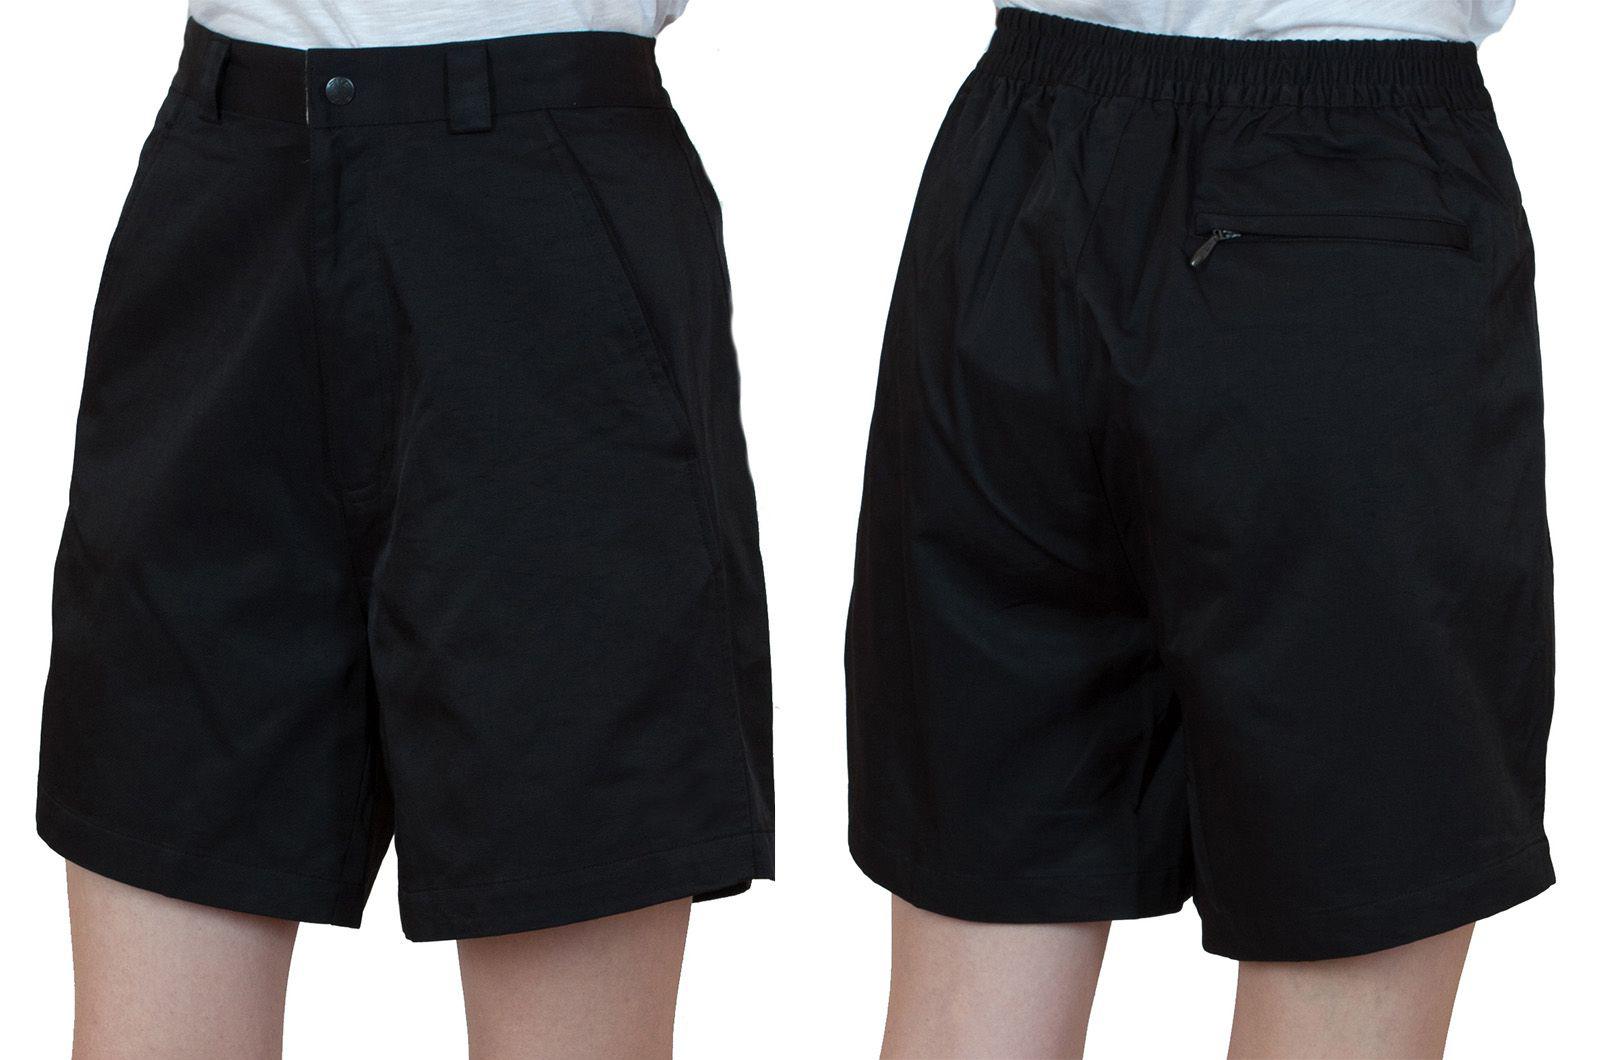 Заказать черные женские шорты для спорта